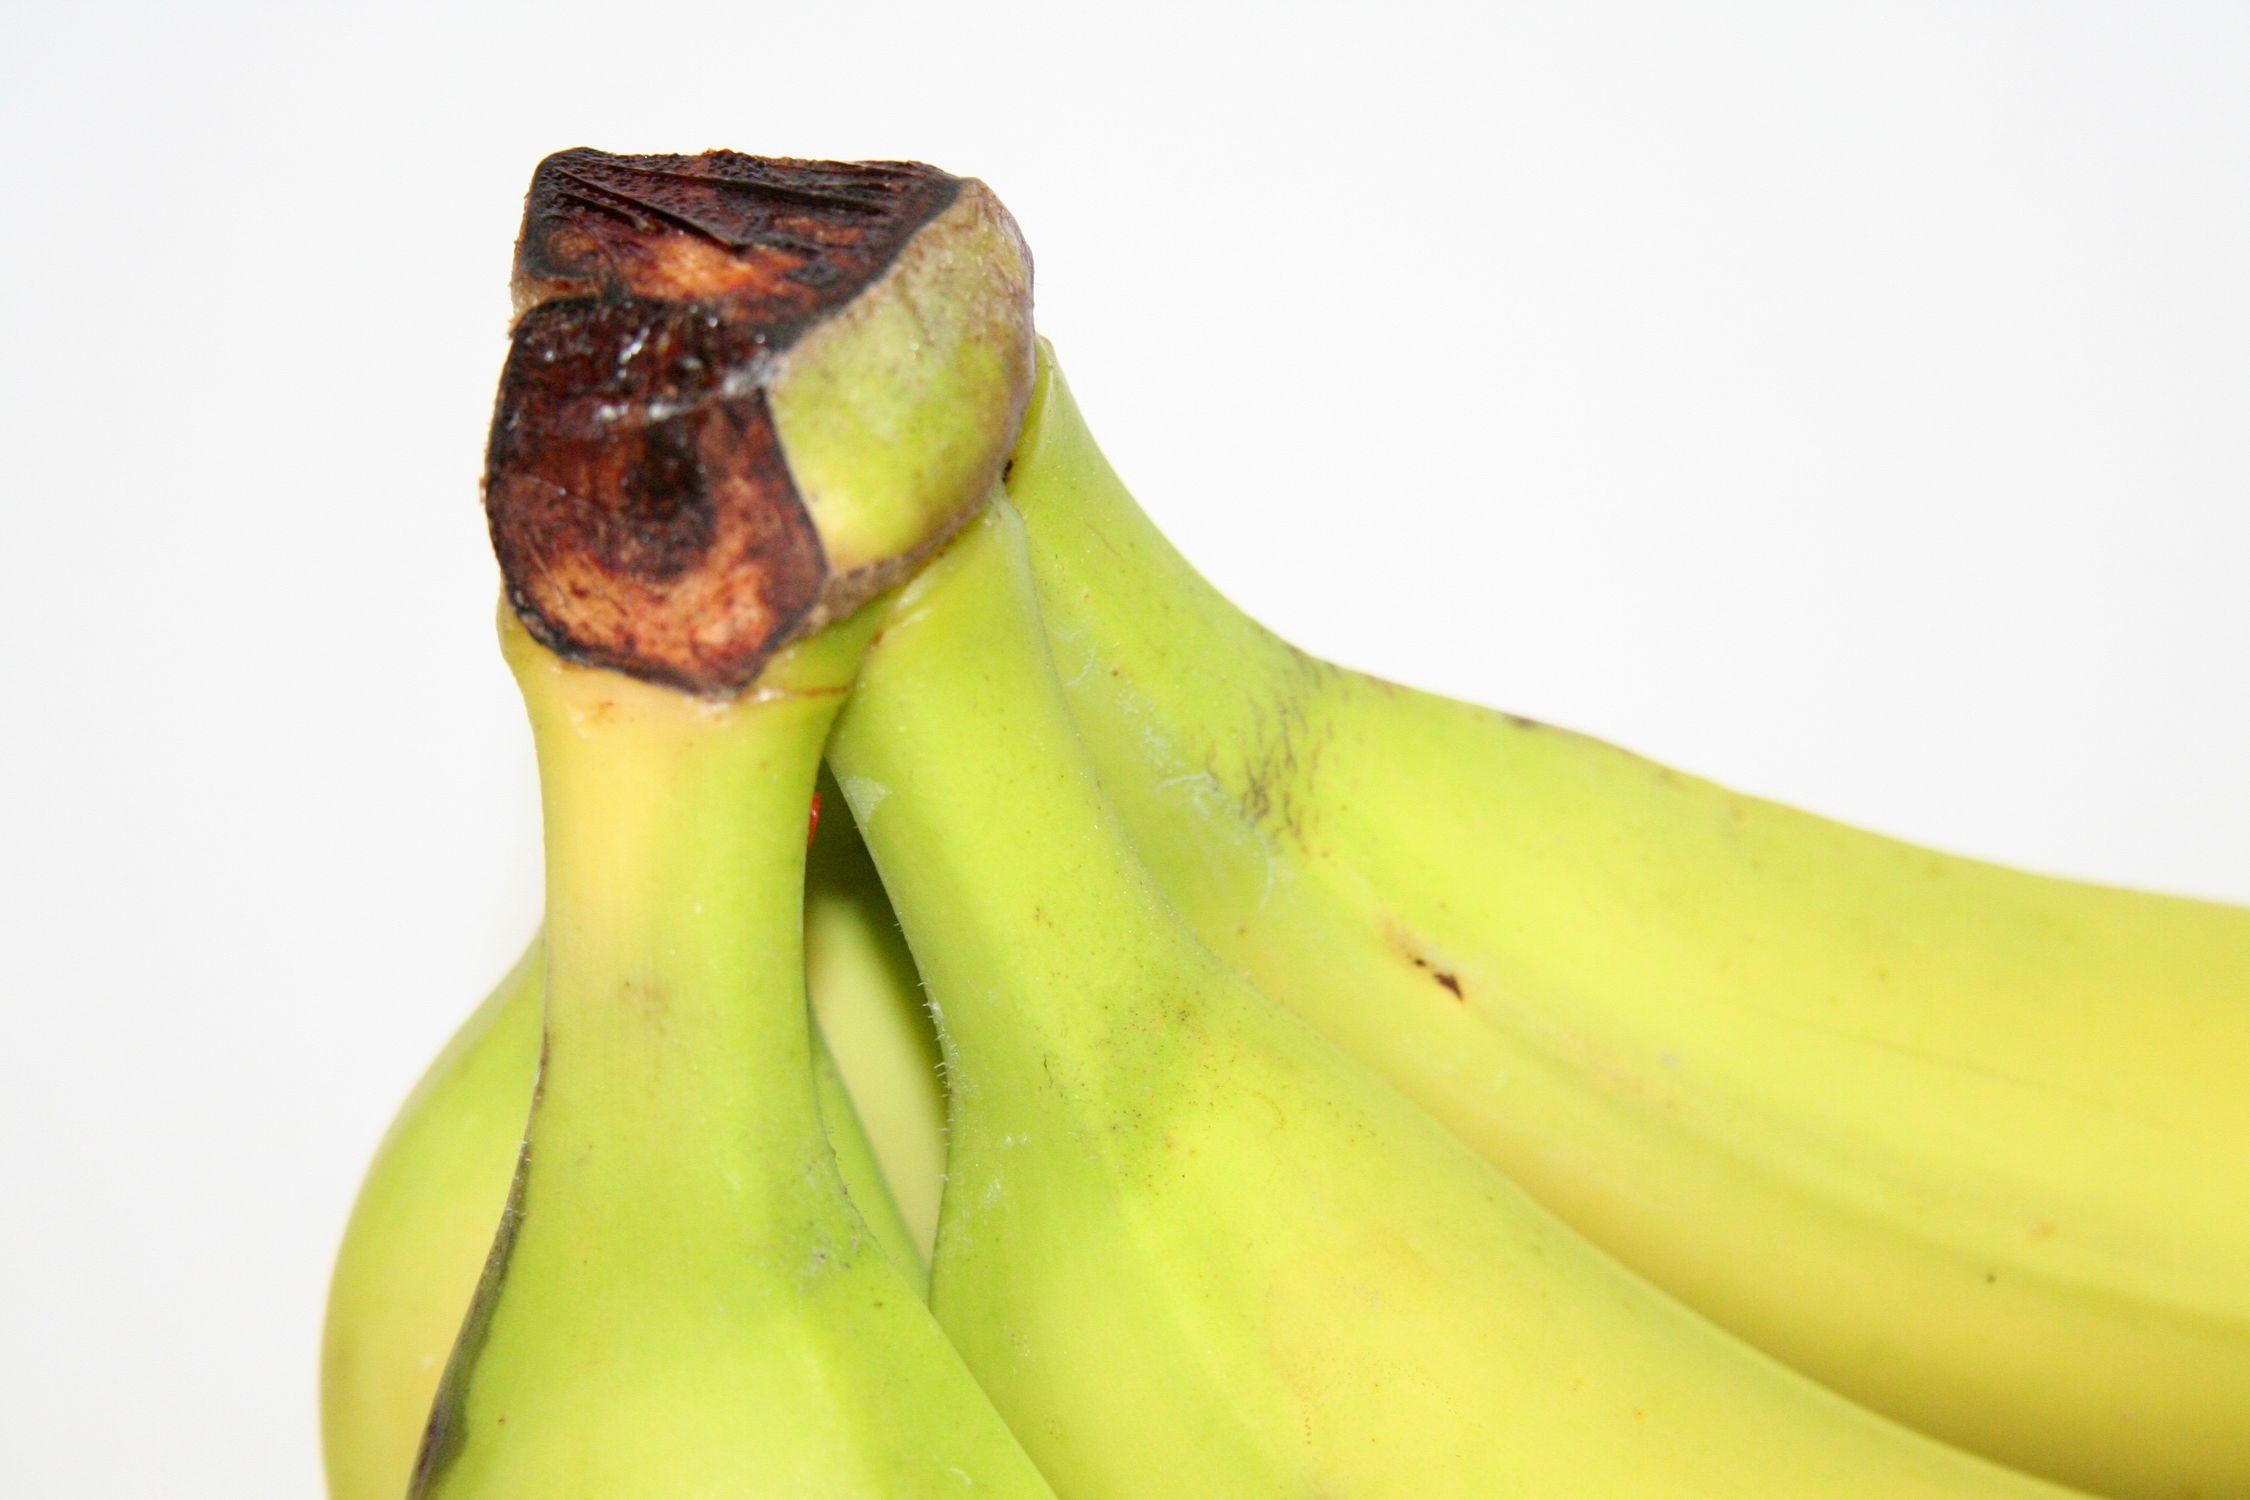 Bild mit Früchte, Bananen, Frucht, Banane, Obst, Küchenbild, banana